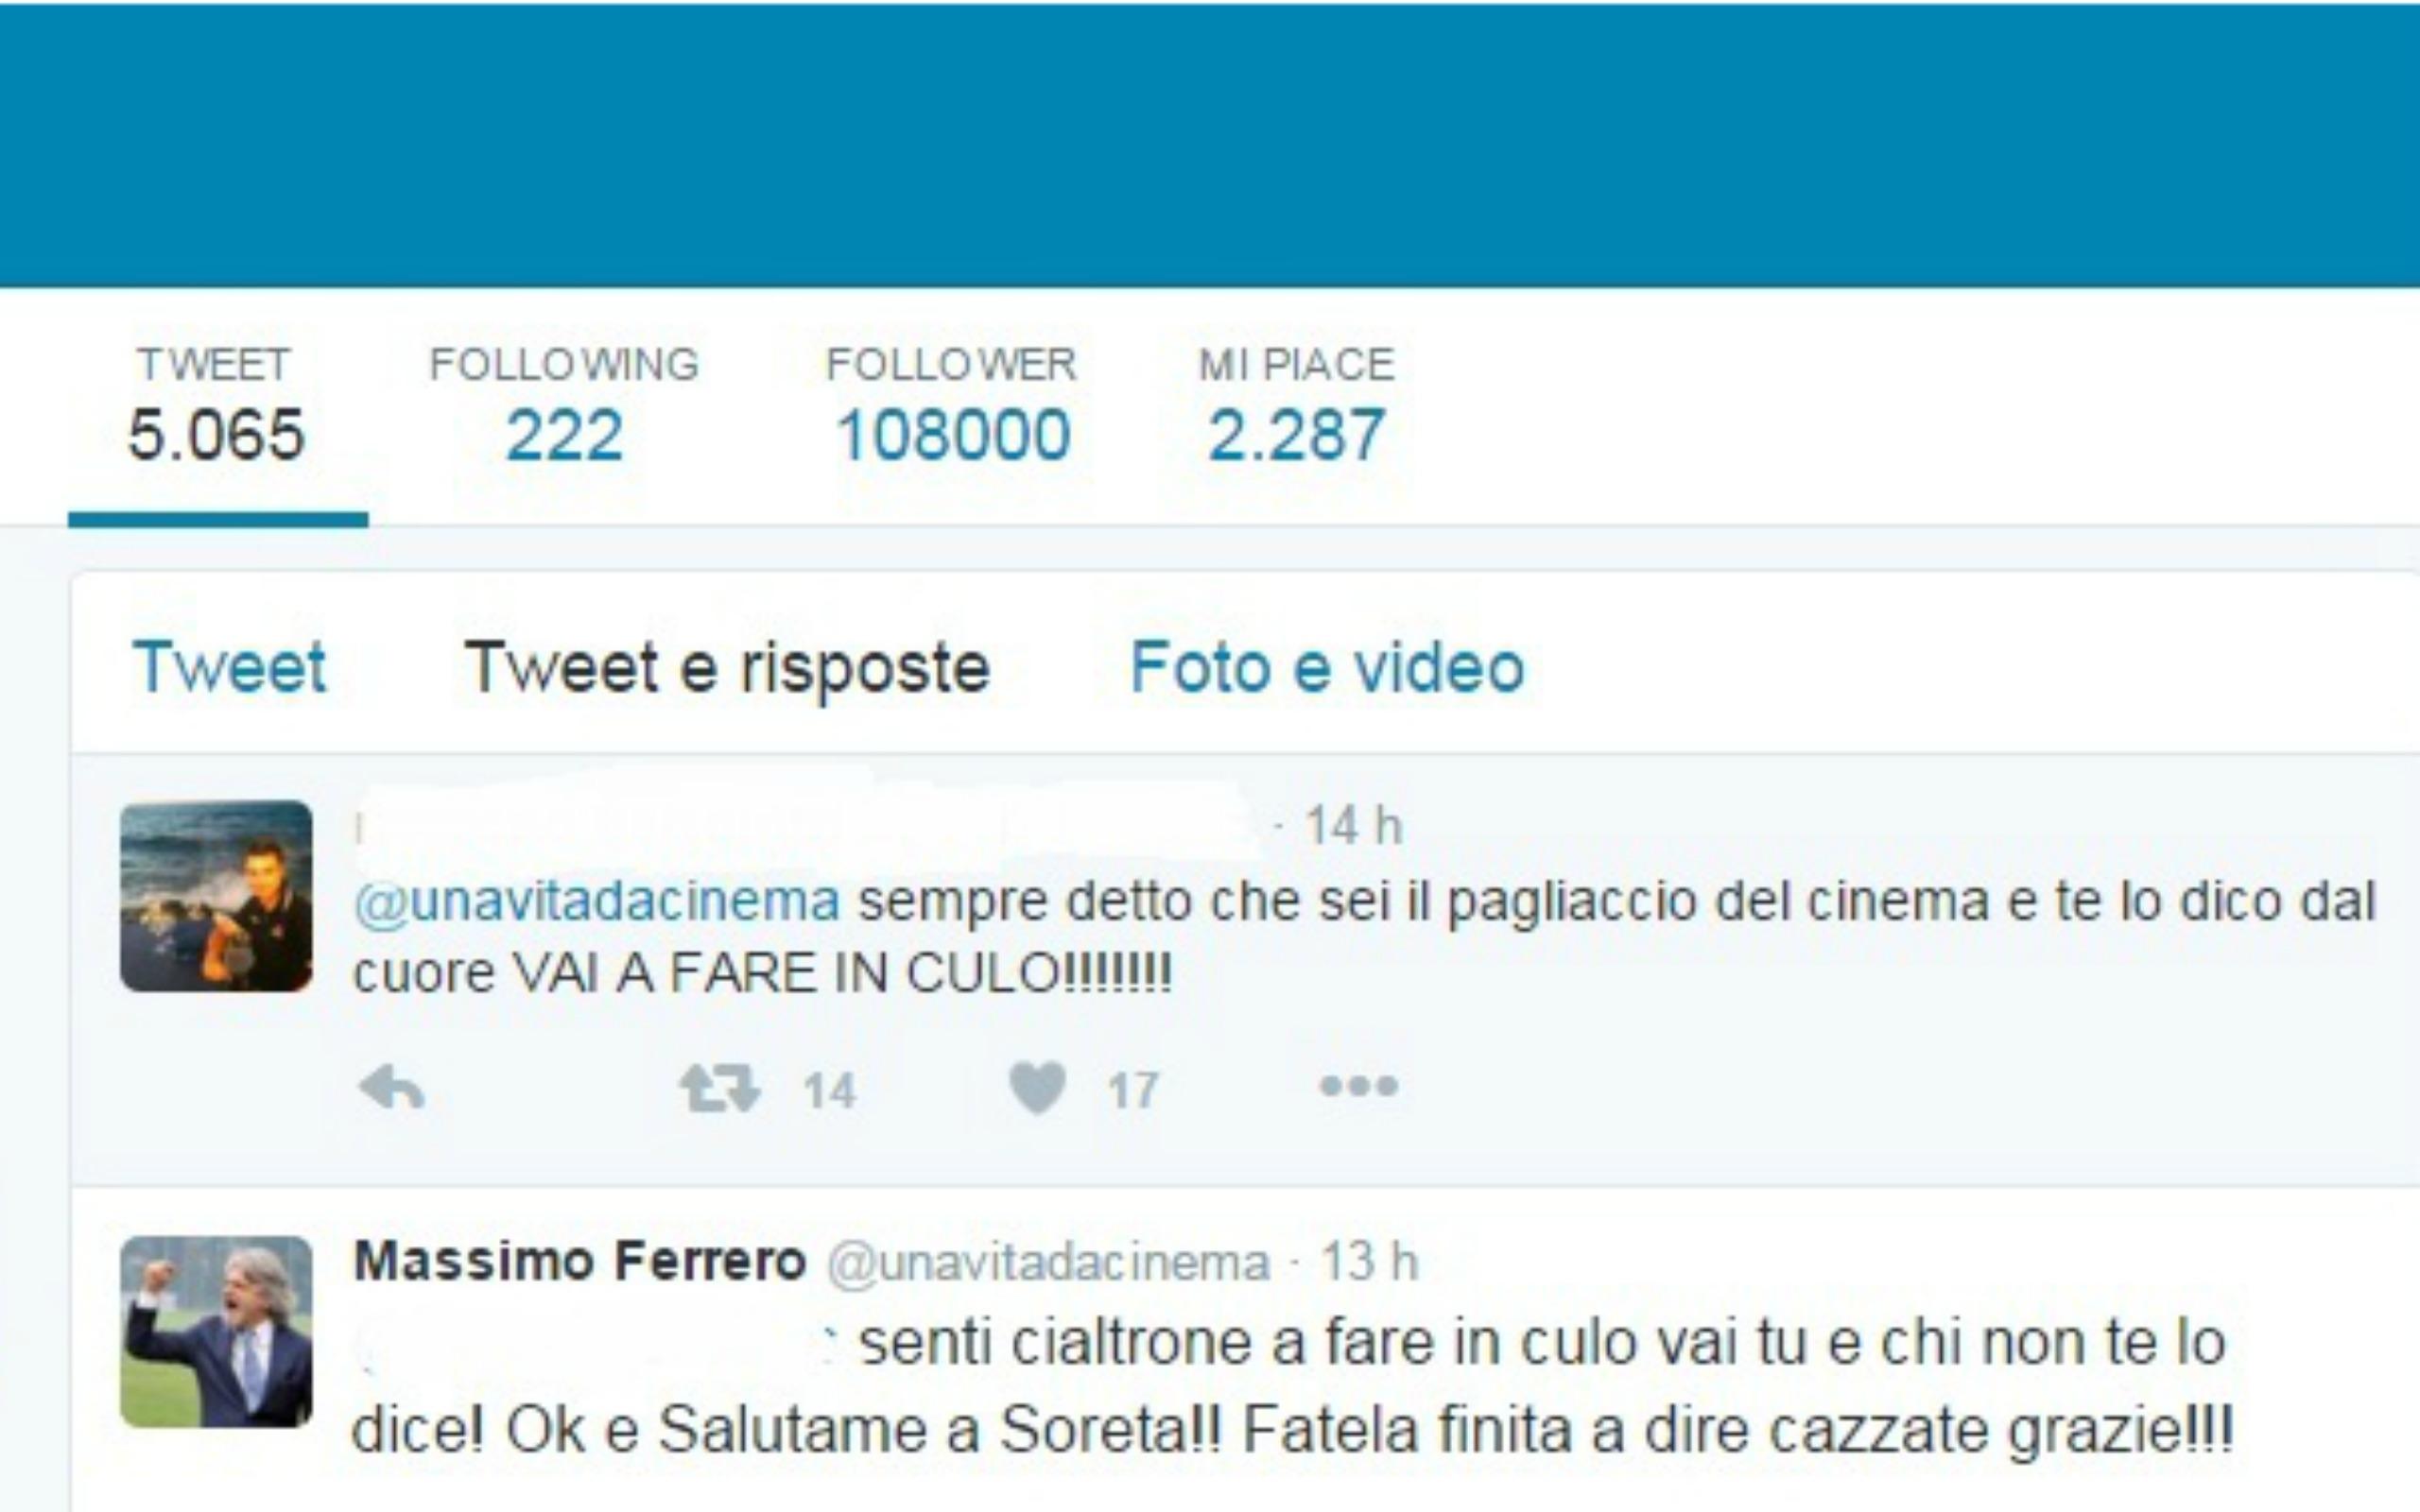 Calciomercato: Quagliarella verso la Sampdoria, Rogerio futuro Juve